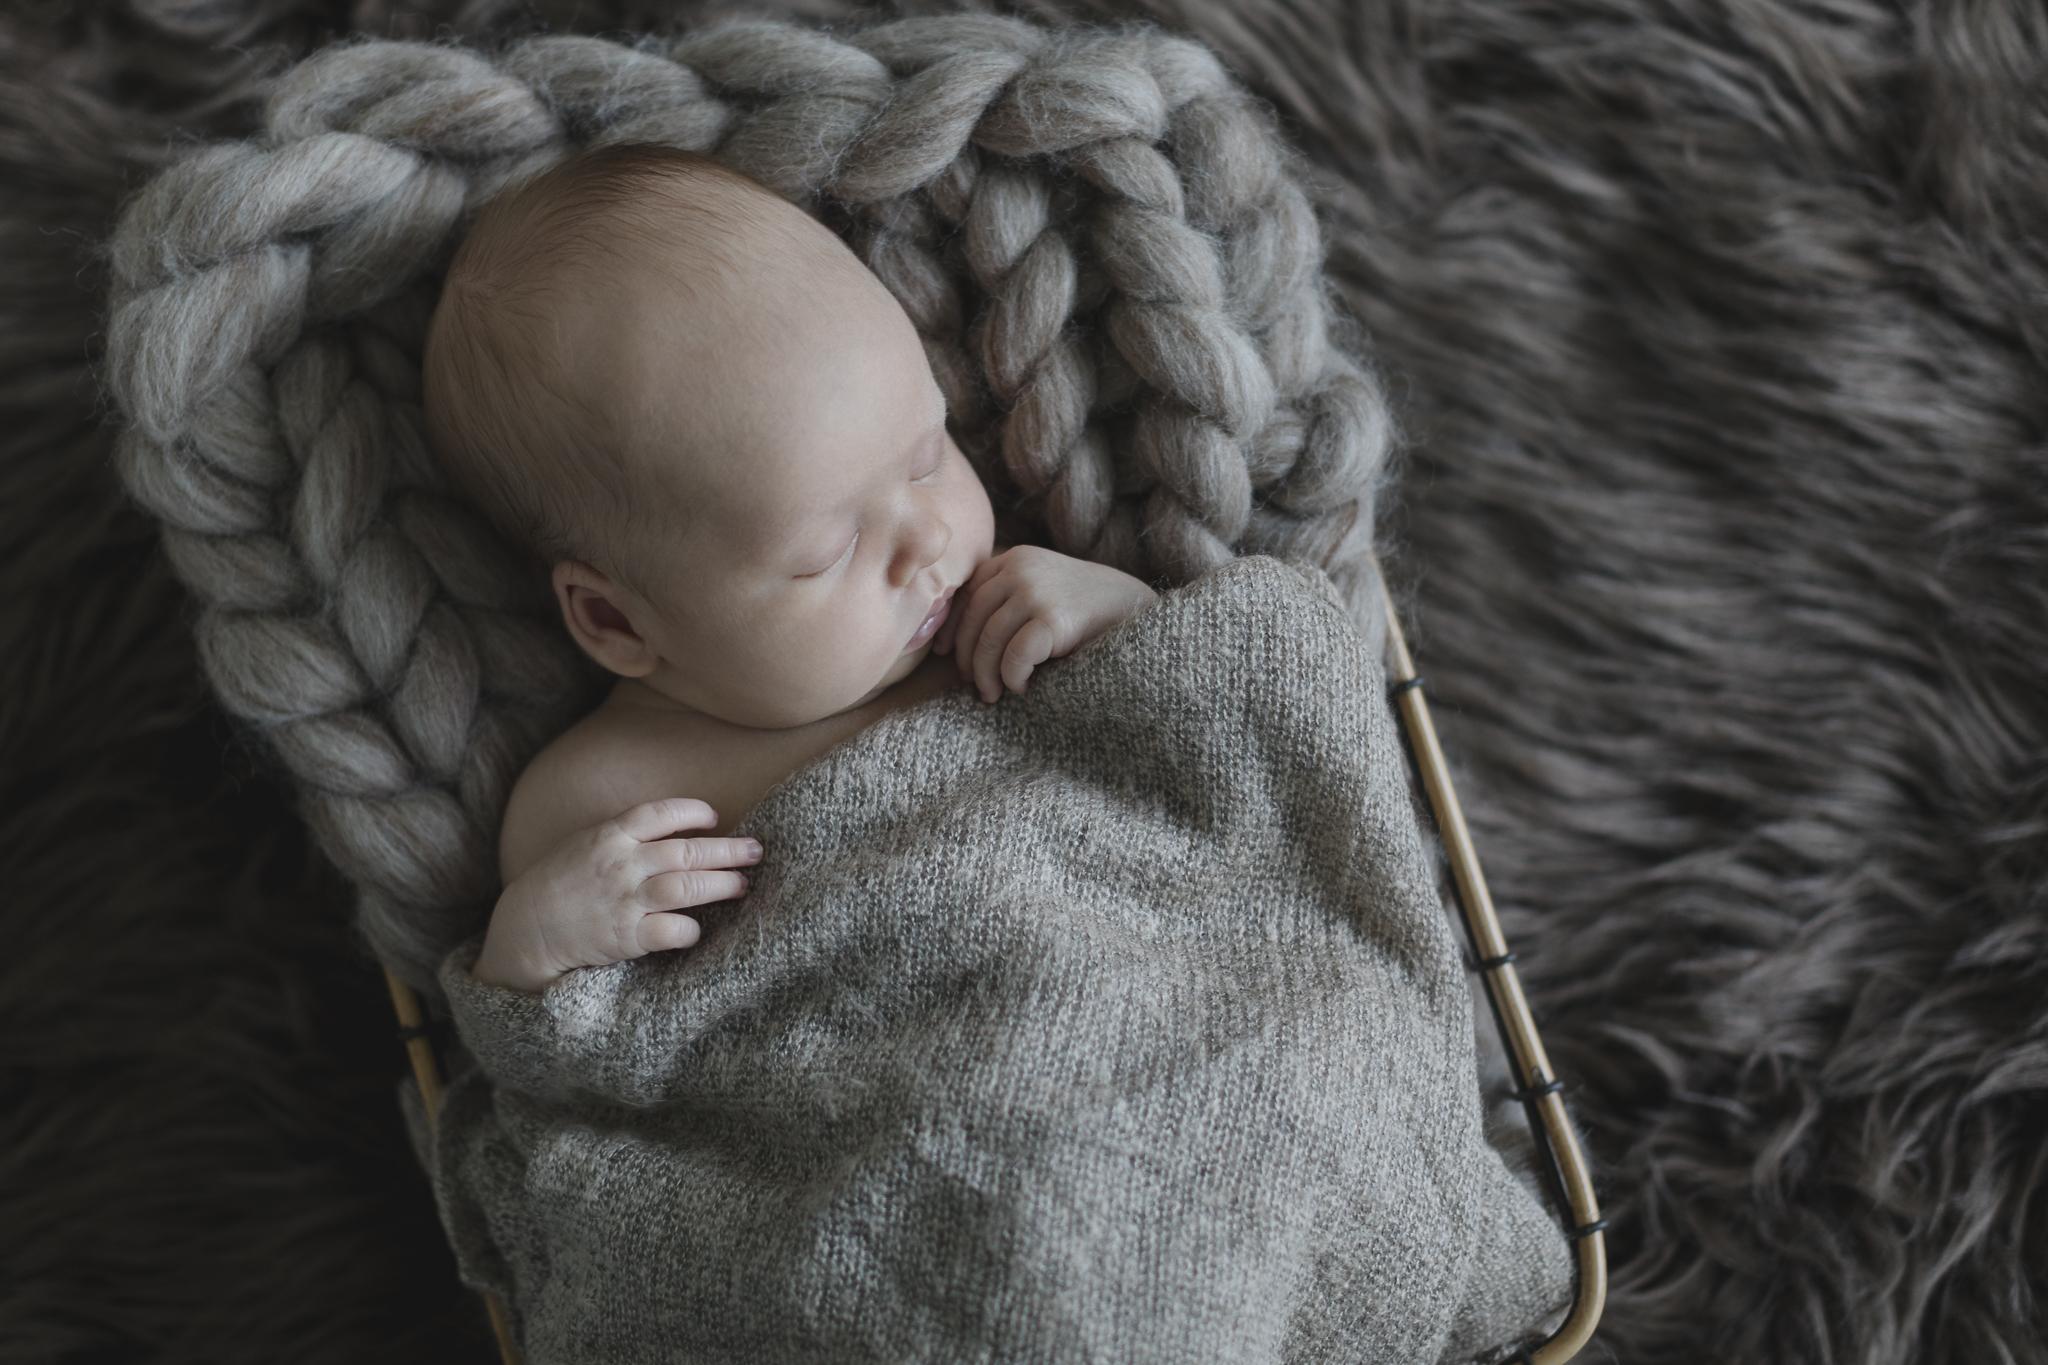 Babyfotos Hamburg - Baby liegt in einem Körbchen und schläft